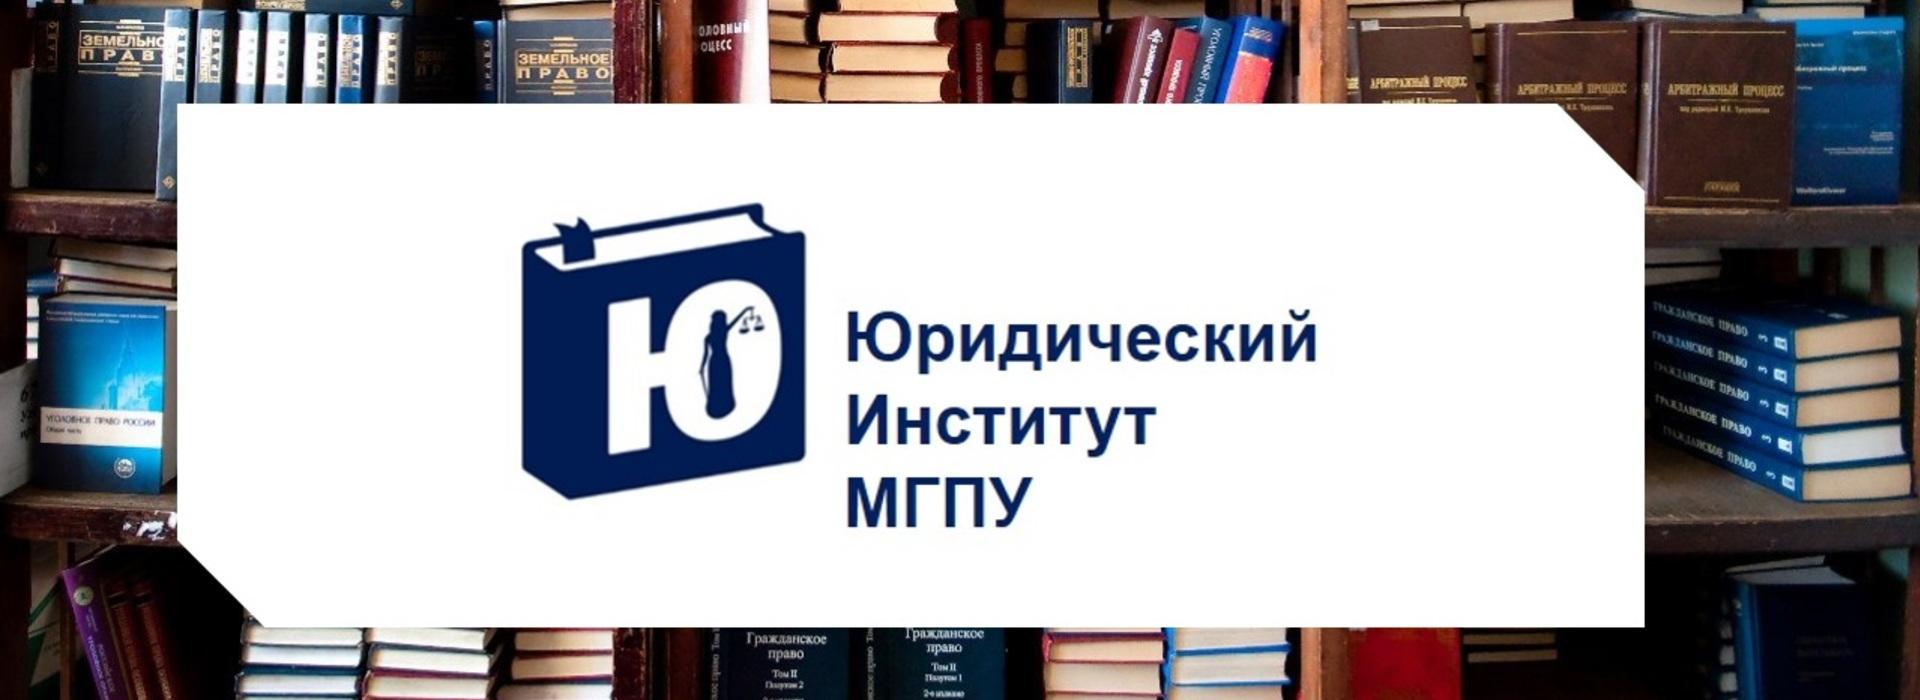 Библиотека юридического института